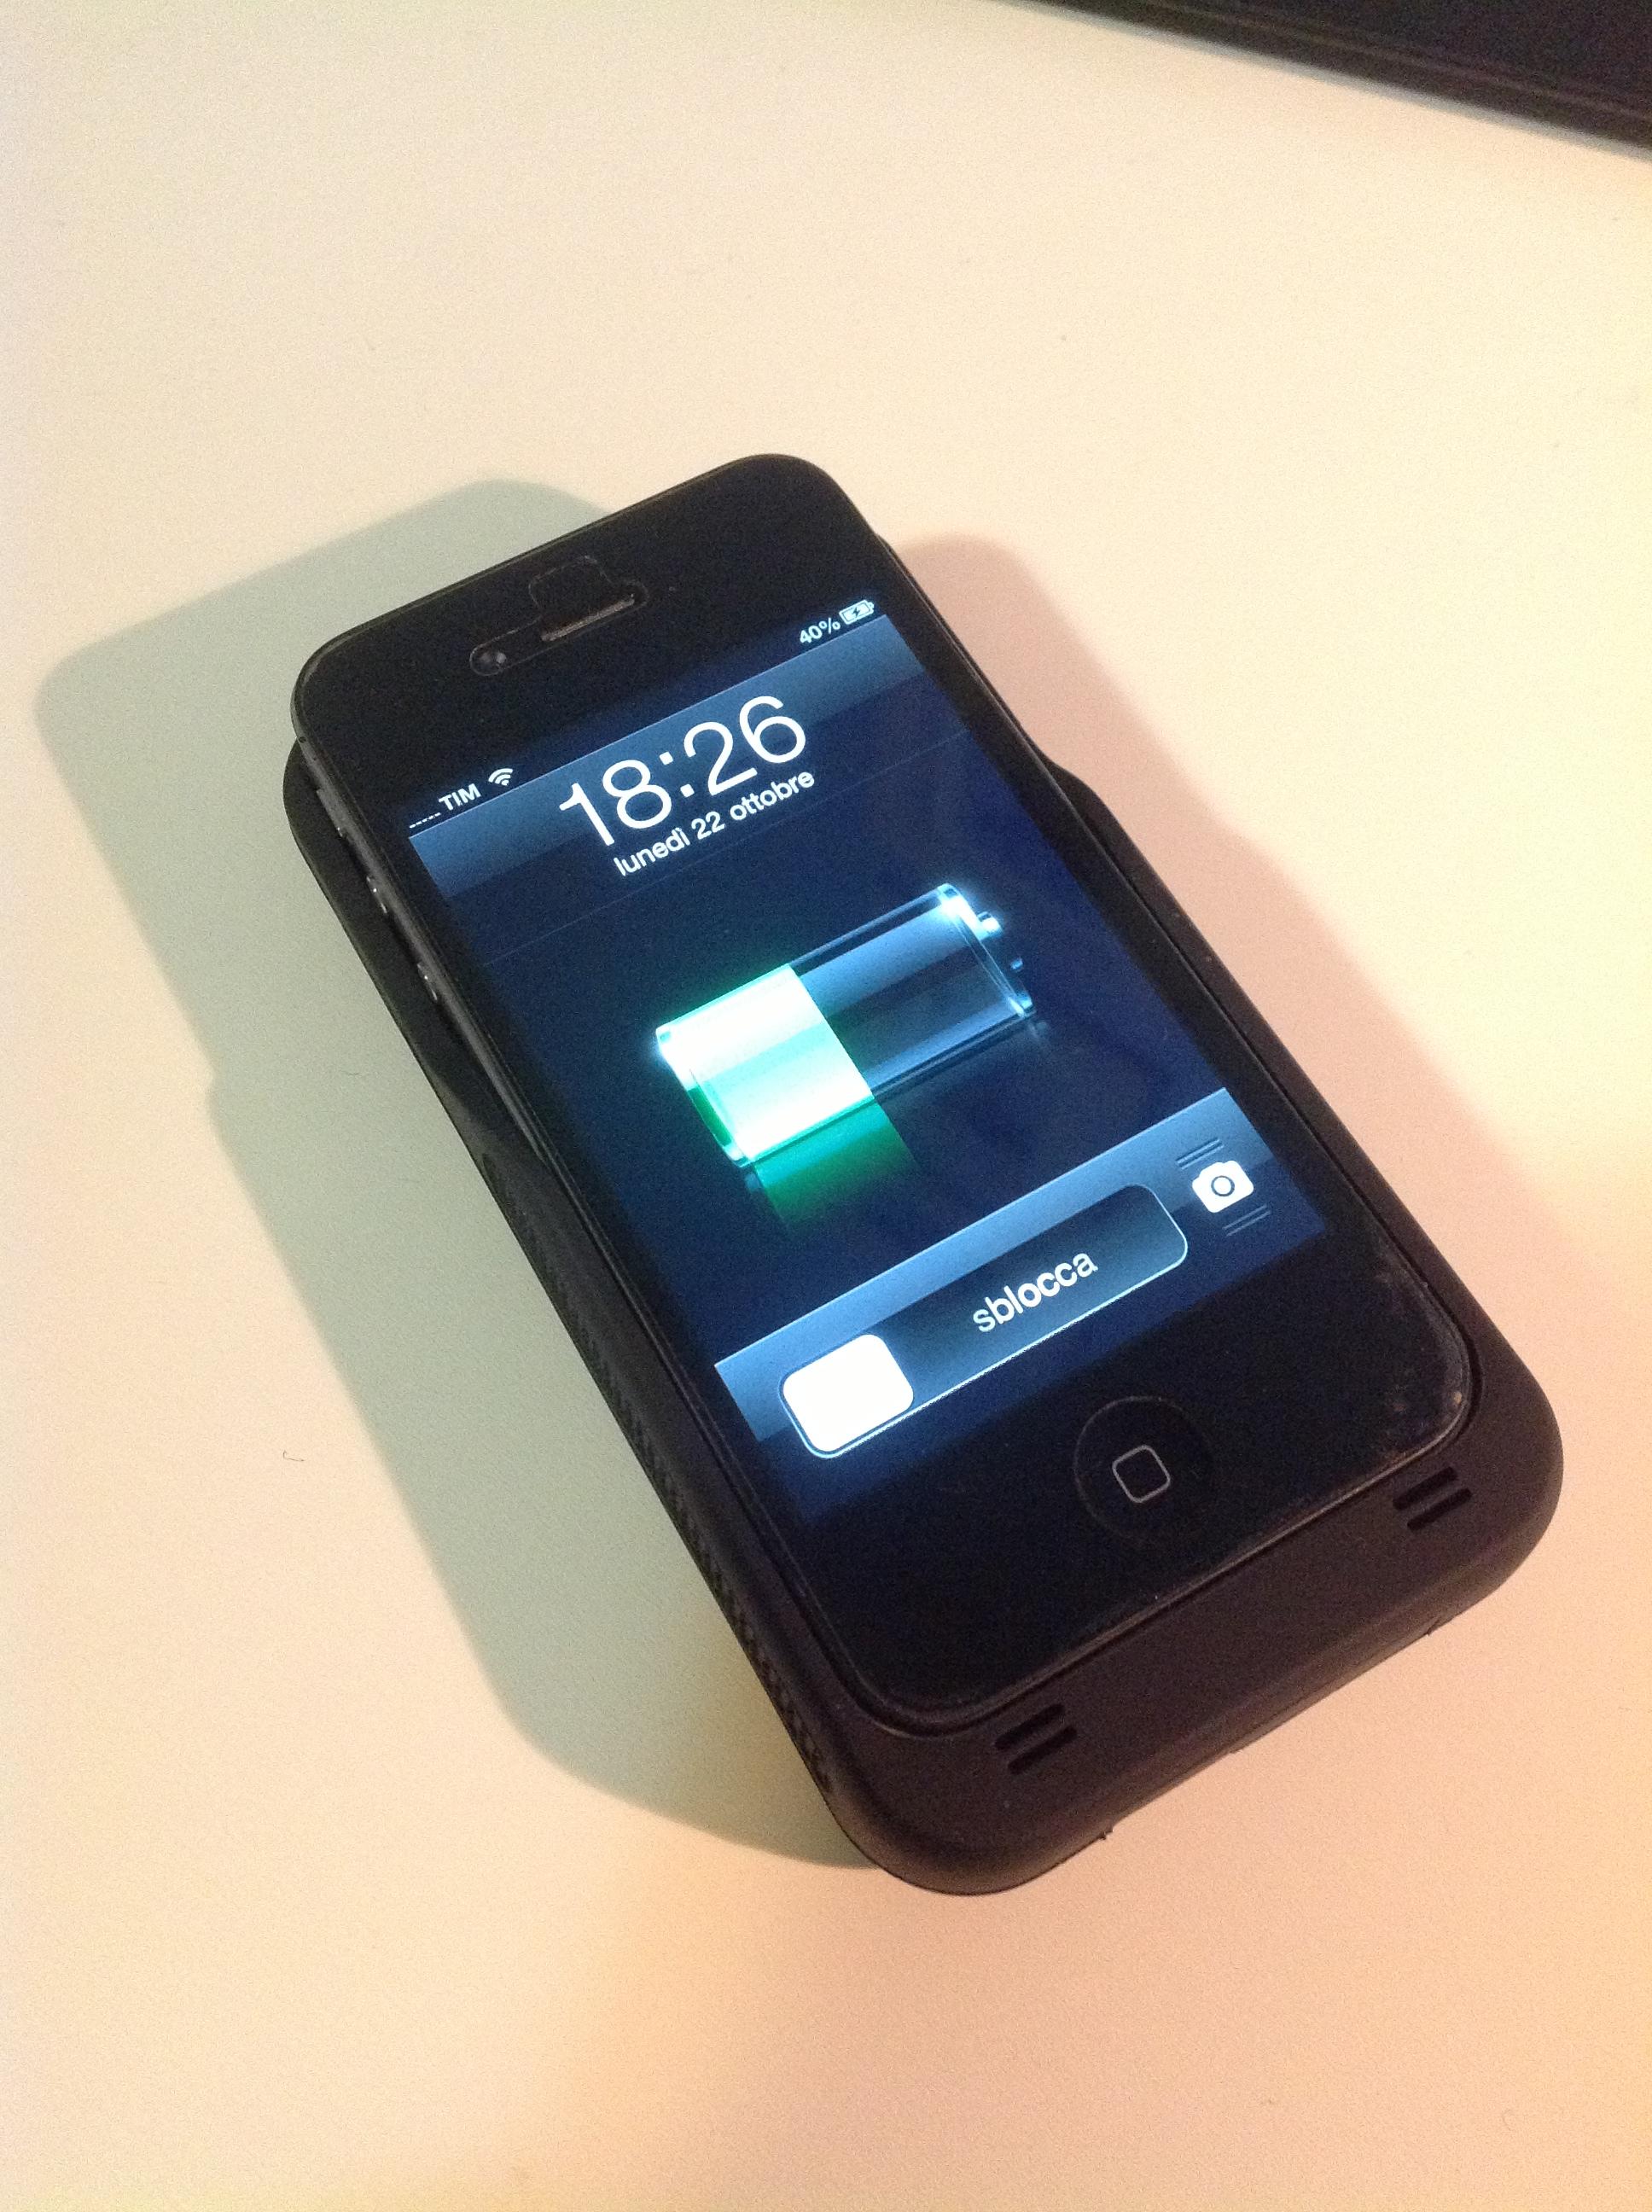 Pannello Solare Integrato Quality : Batteria esterna per iphone s nera con pannello solare